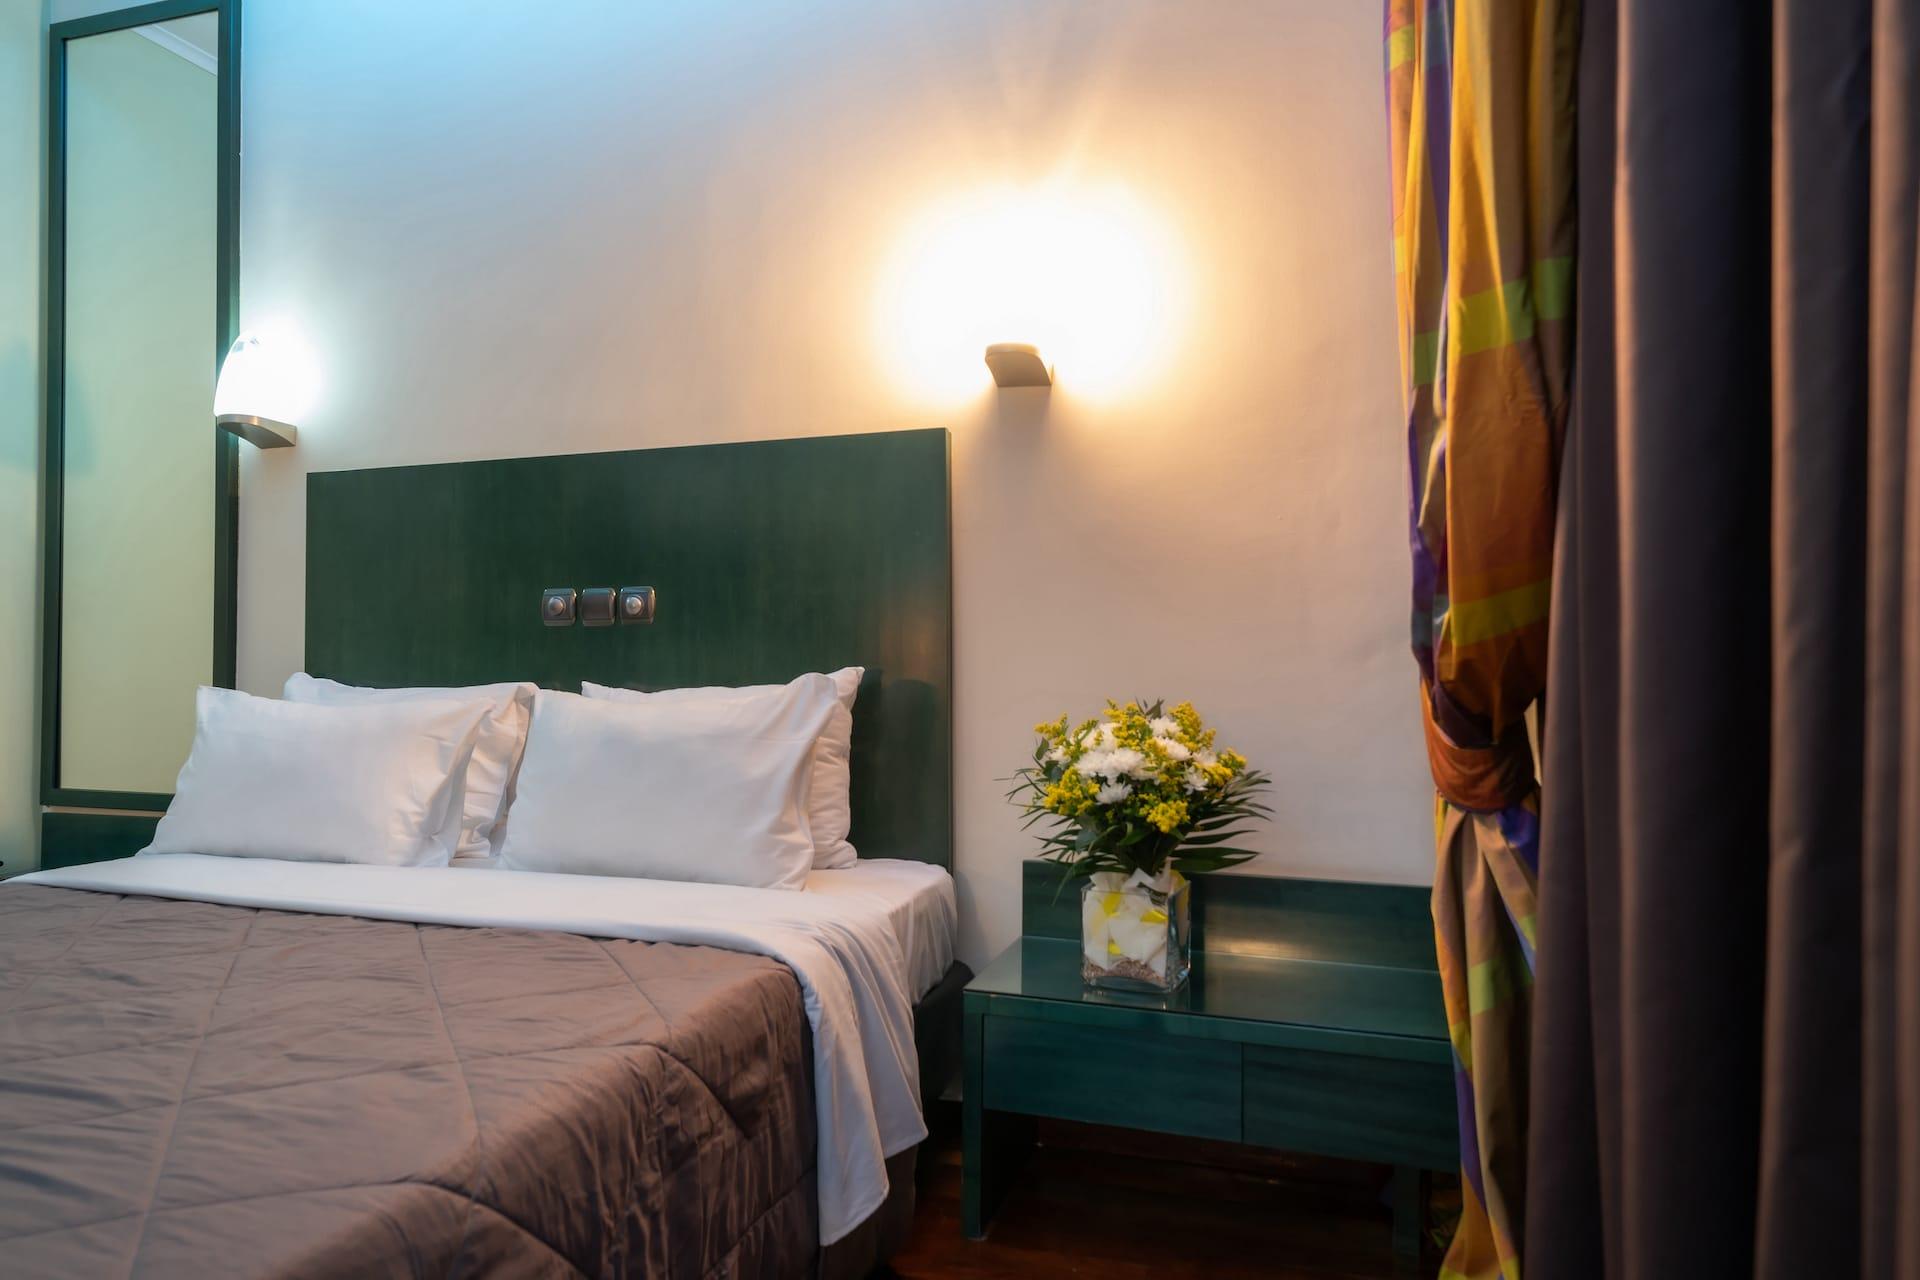 Το Superior room στο Pines Hotel ξενοδοχείο στα Βόρεια Προάστια. €64 η διανυκτέρευση.